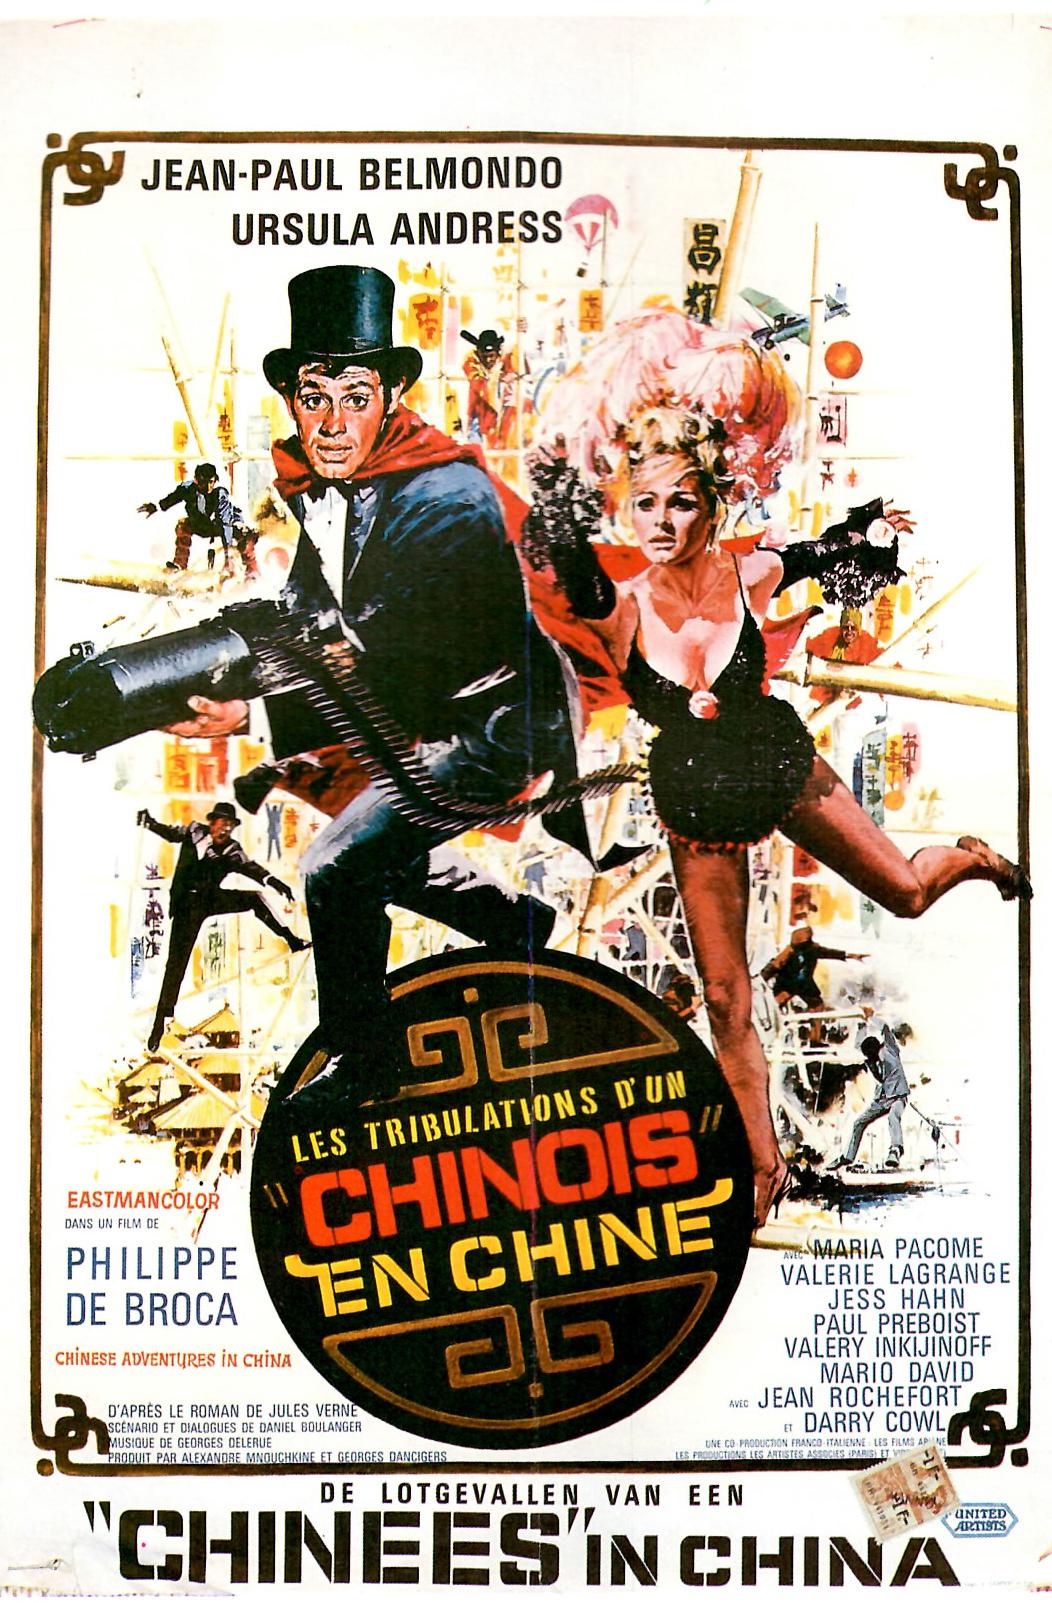 Affiche du film Les tribulations d'un chinois en Chine de Philippe de Broca avec Jean-Paul Belmondo et Ursula Andress